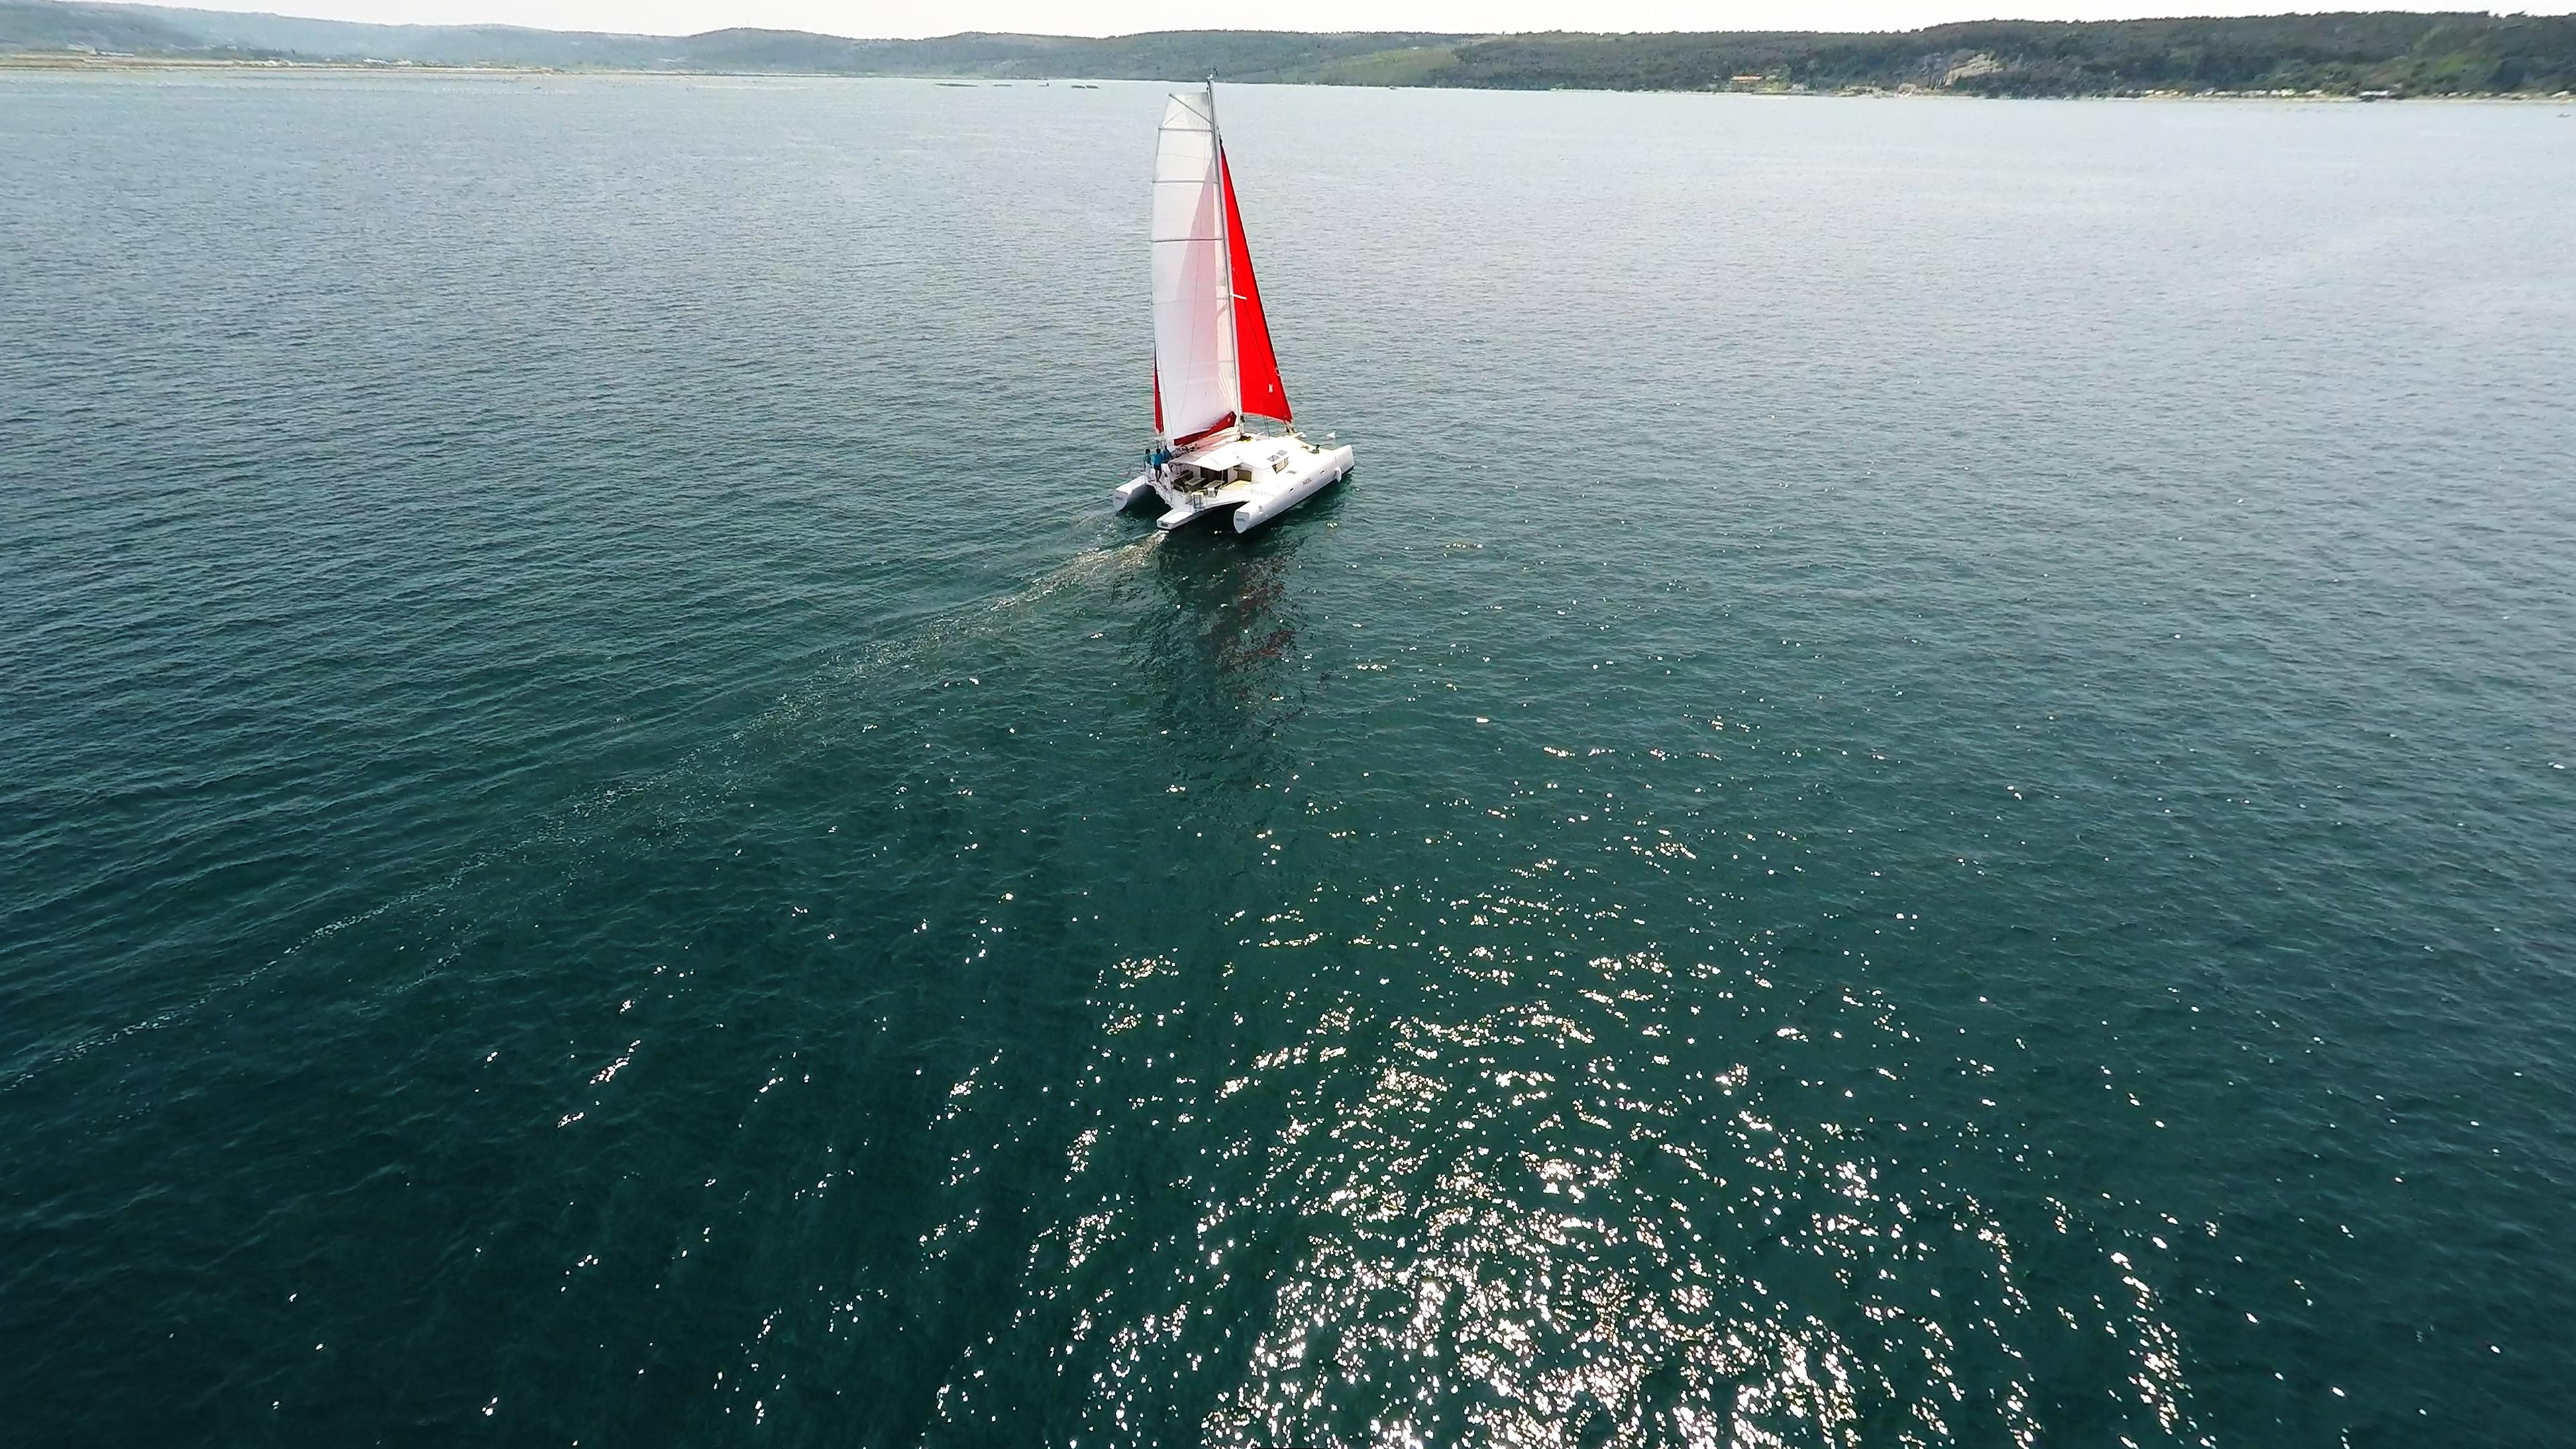 barca a vela trimarano al mare